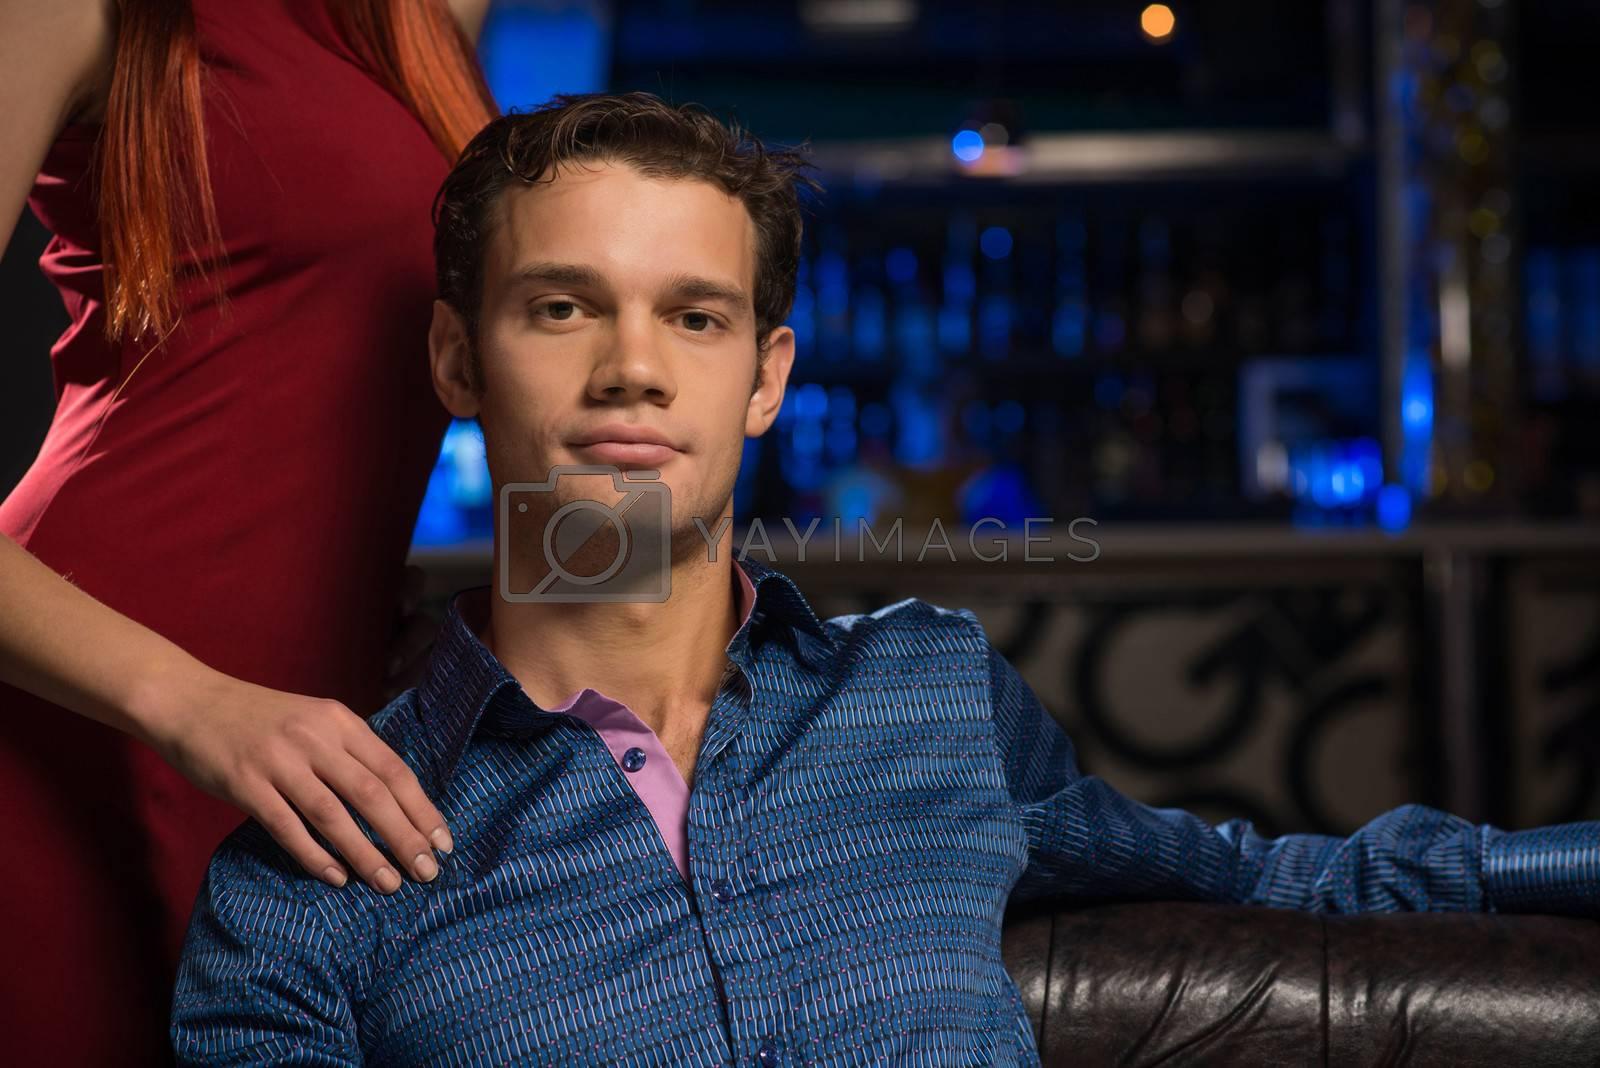 Portrait of a successful man in a nightclub by adam121